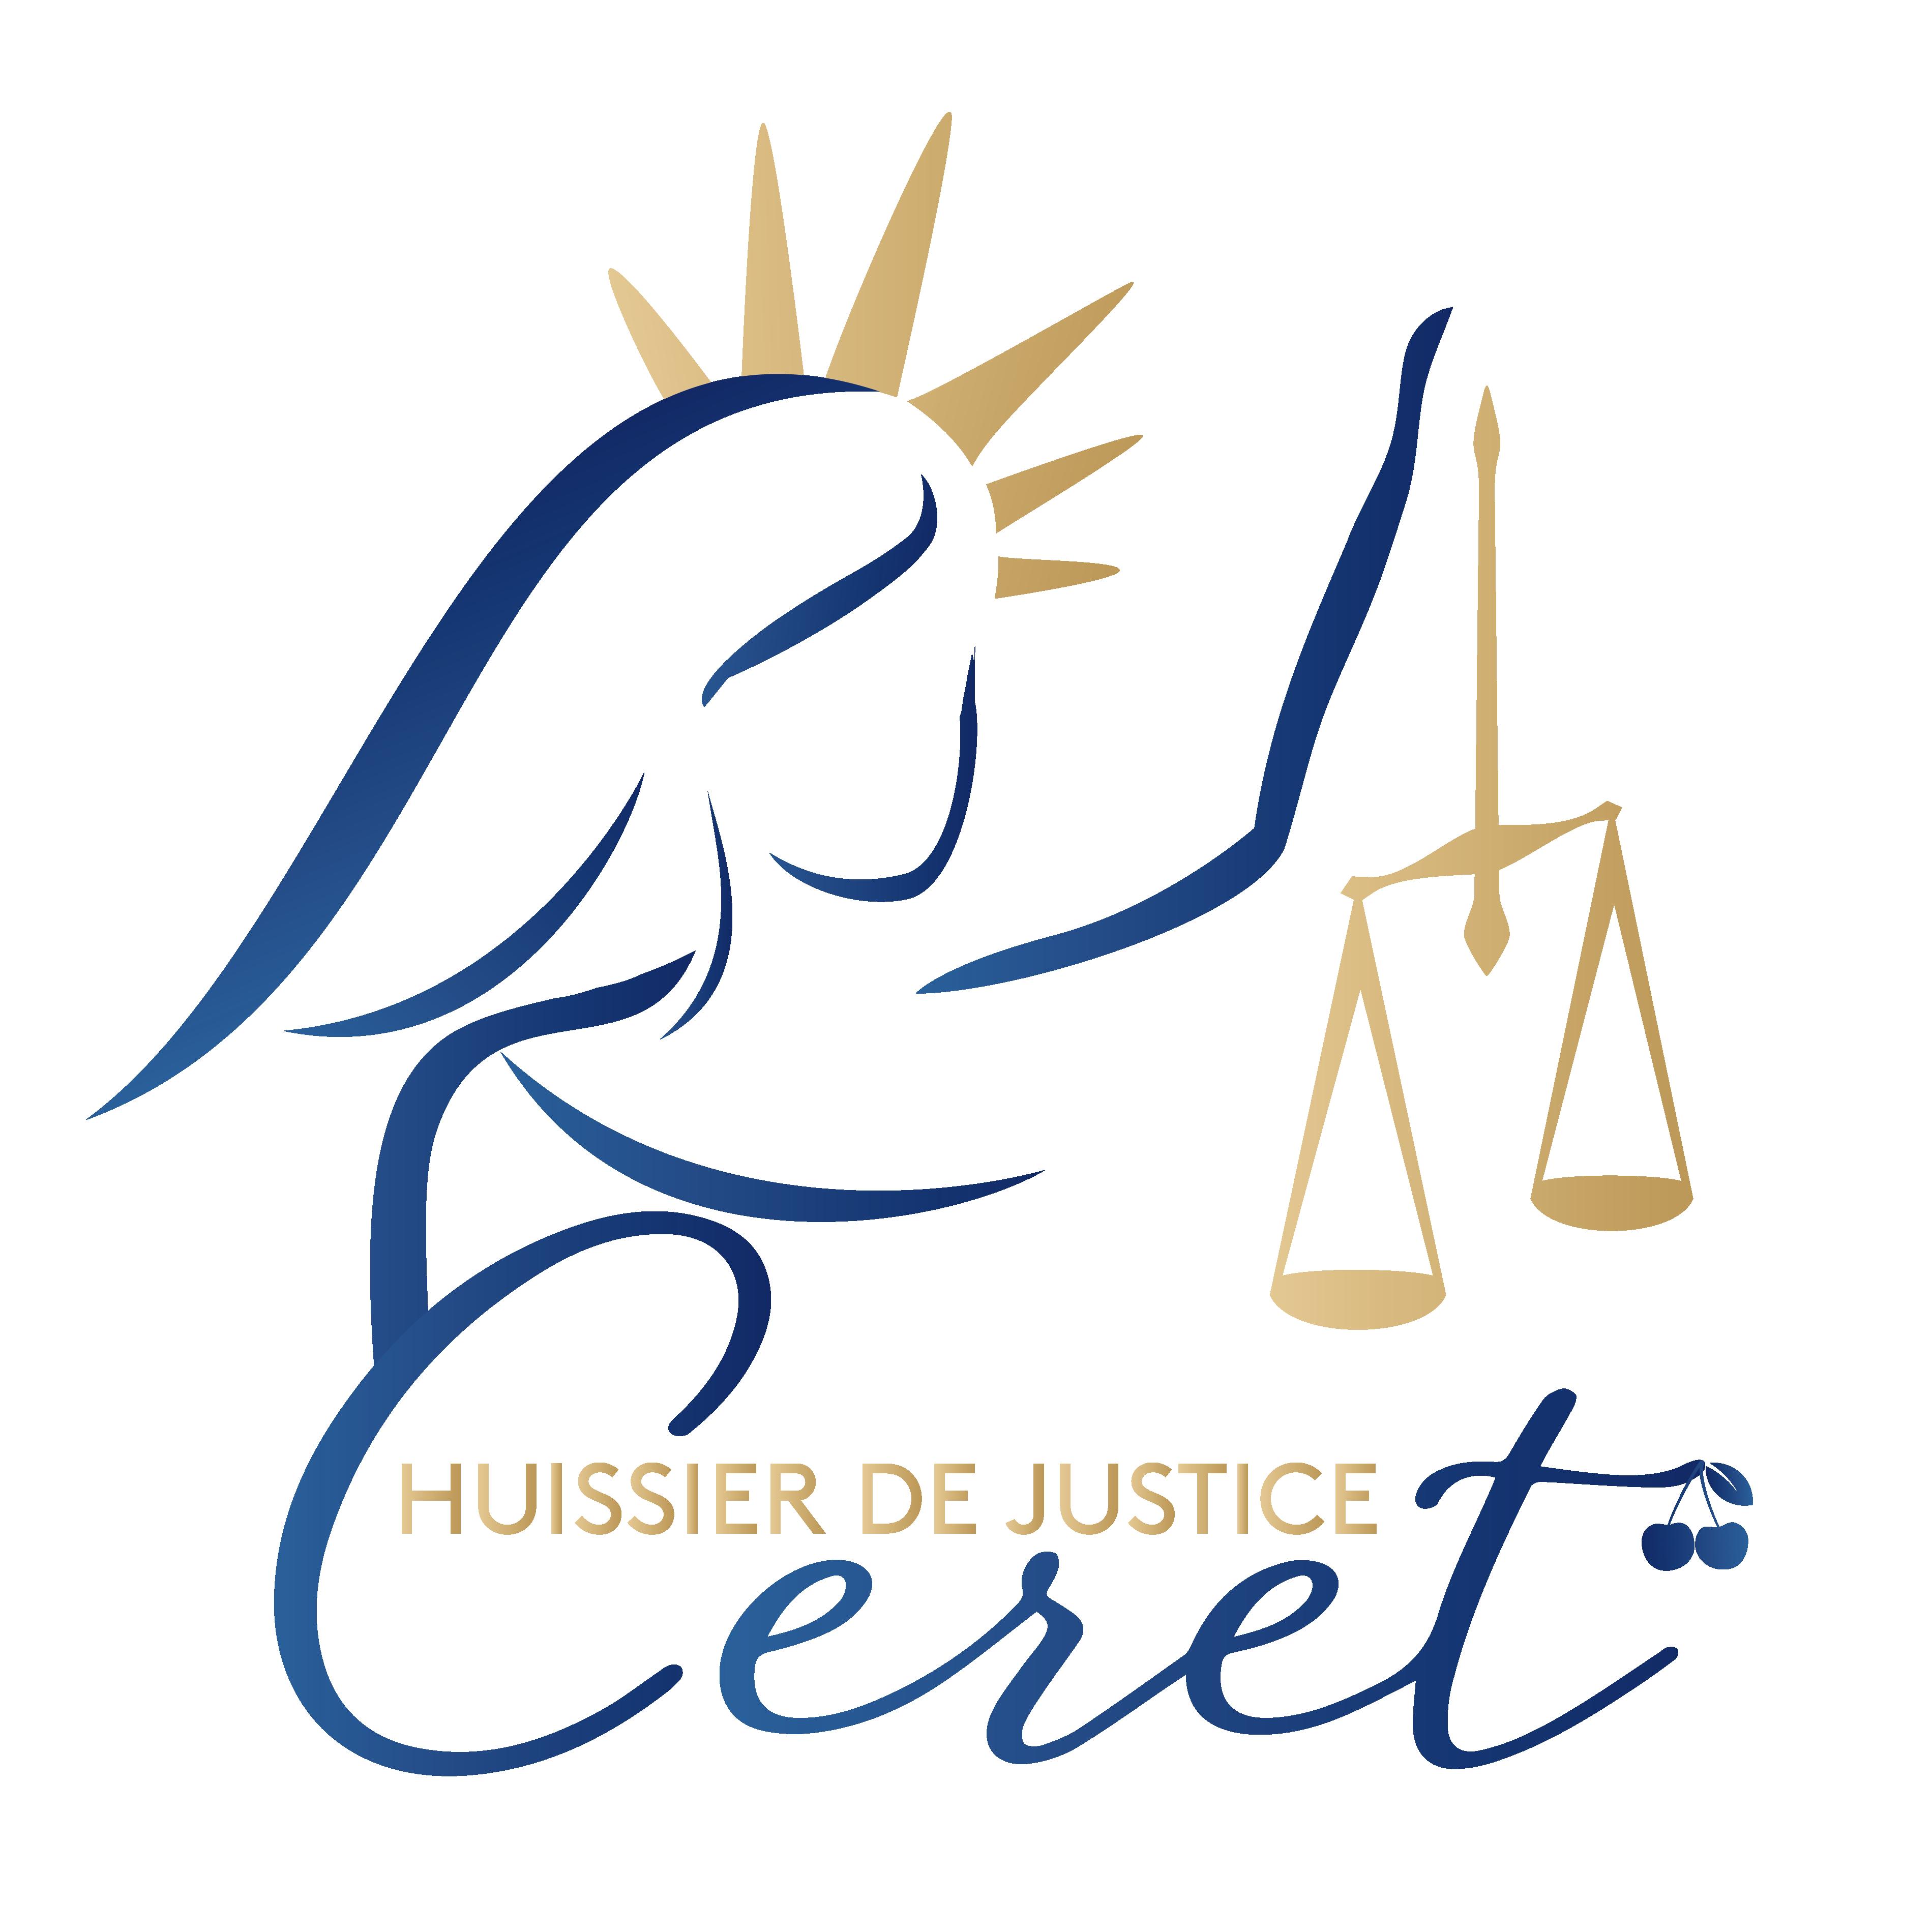 Logo carré Huissier de Justice Ceret